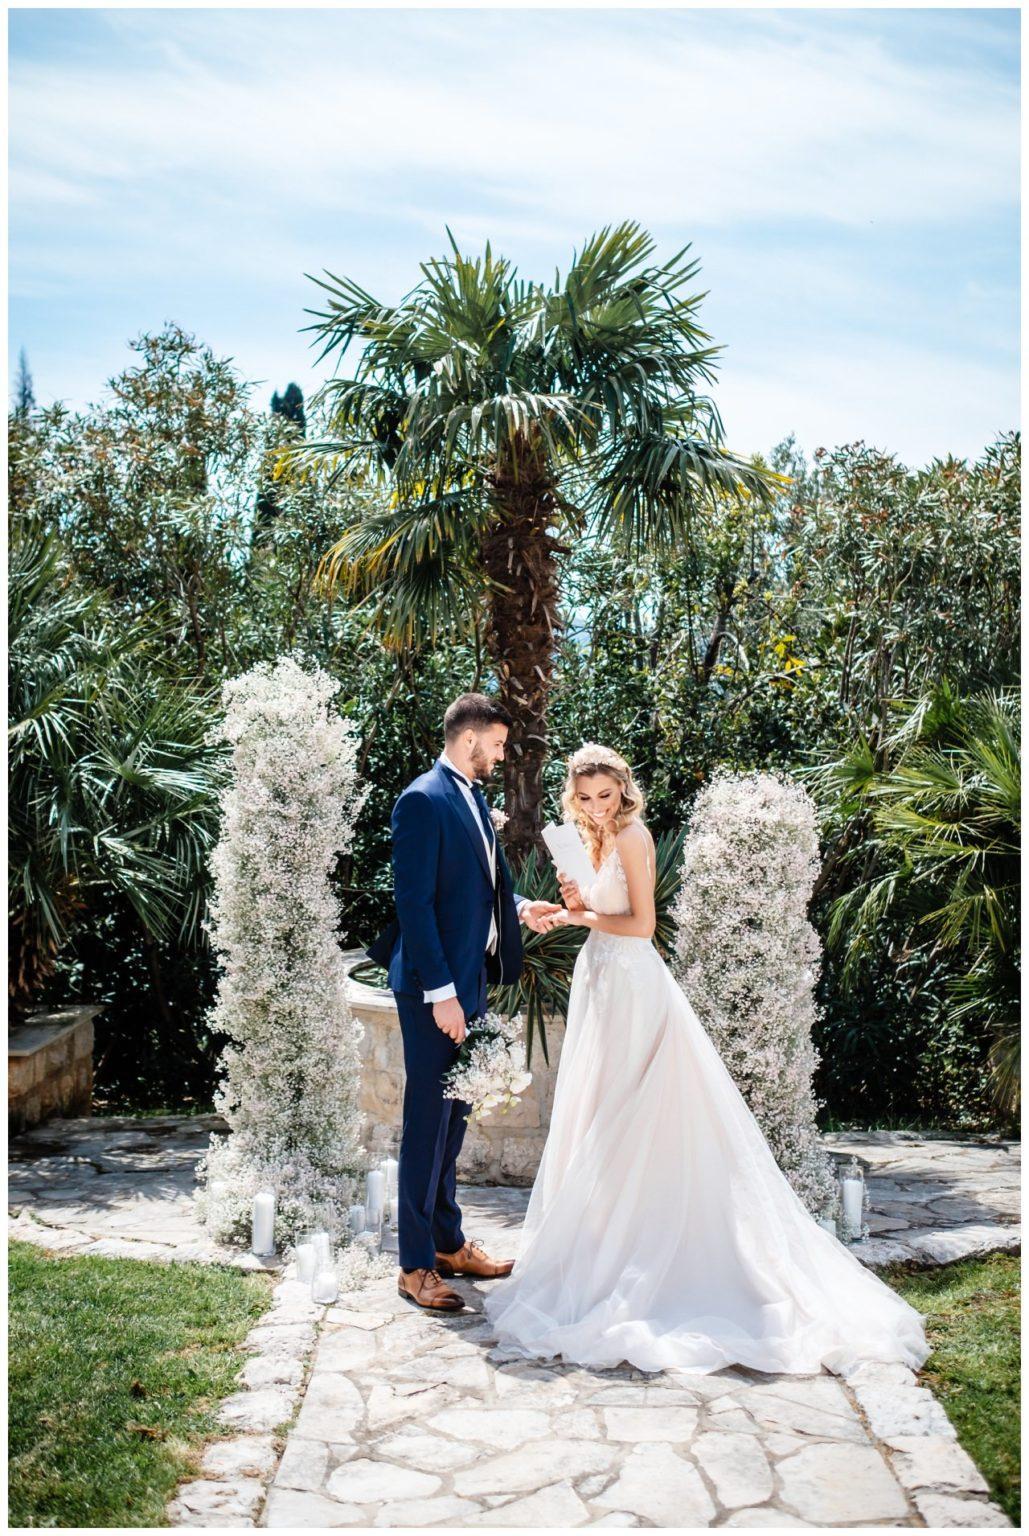 Hochzeit Villa Kroatien Hochzeitsplanung Fotograf 11 - Romantische Hochzeit in einer Villa